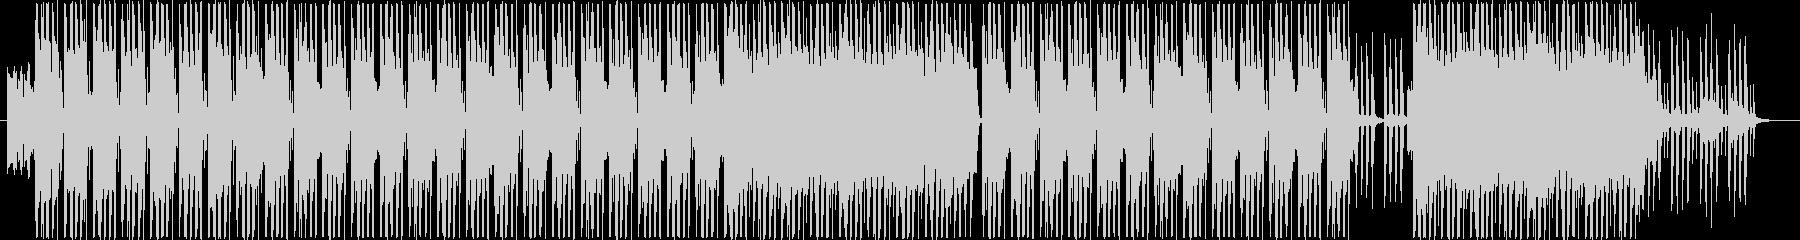 洋楽、メインストリームヒップホップ♫の未再生の波形